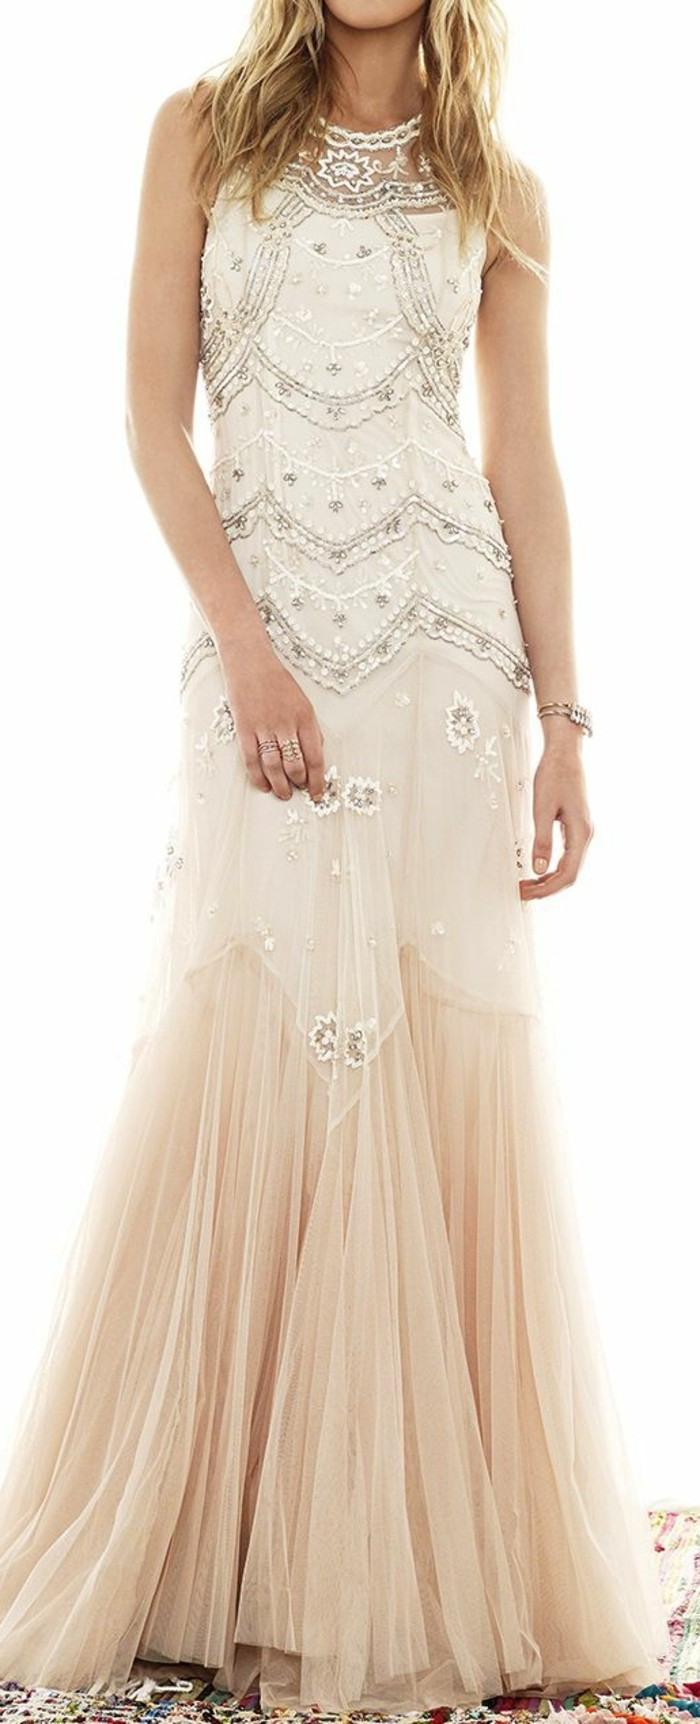 Elegante Kleider Für Ihre Besondere Anlässe  Archzine